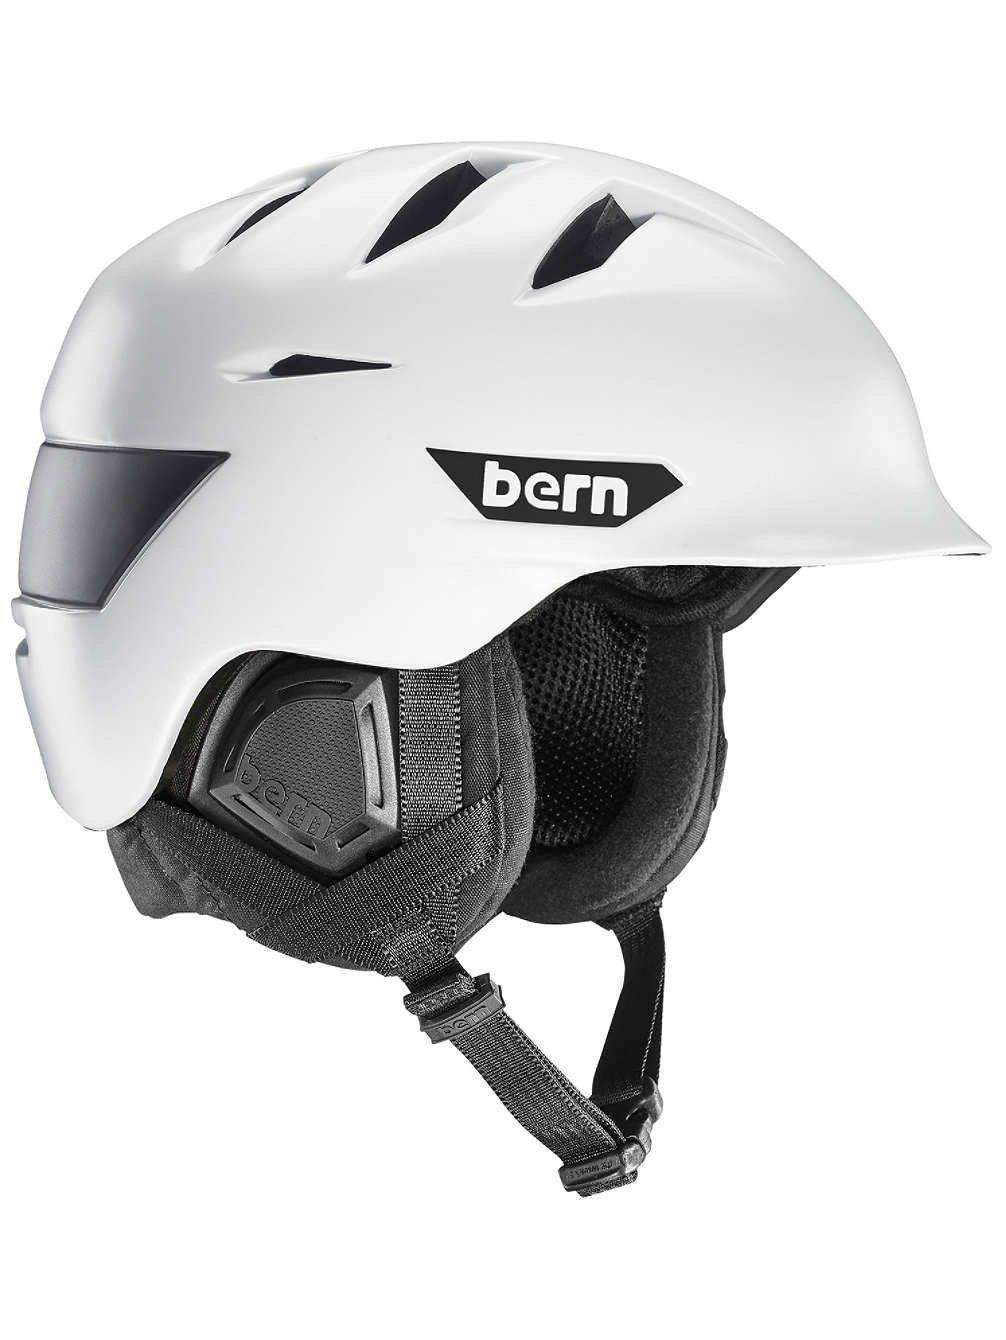 Bernヘルメット – BernヘルメットRollins – マットブラック B06XCD23TV Medium|サテンホワイト サテンホワイト Medium